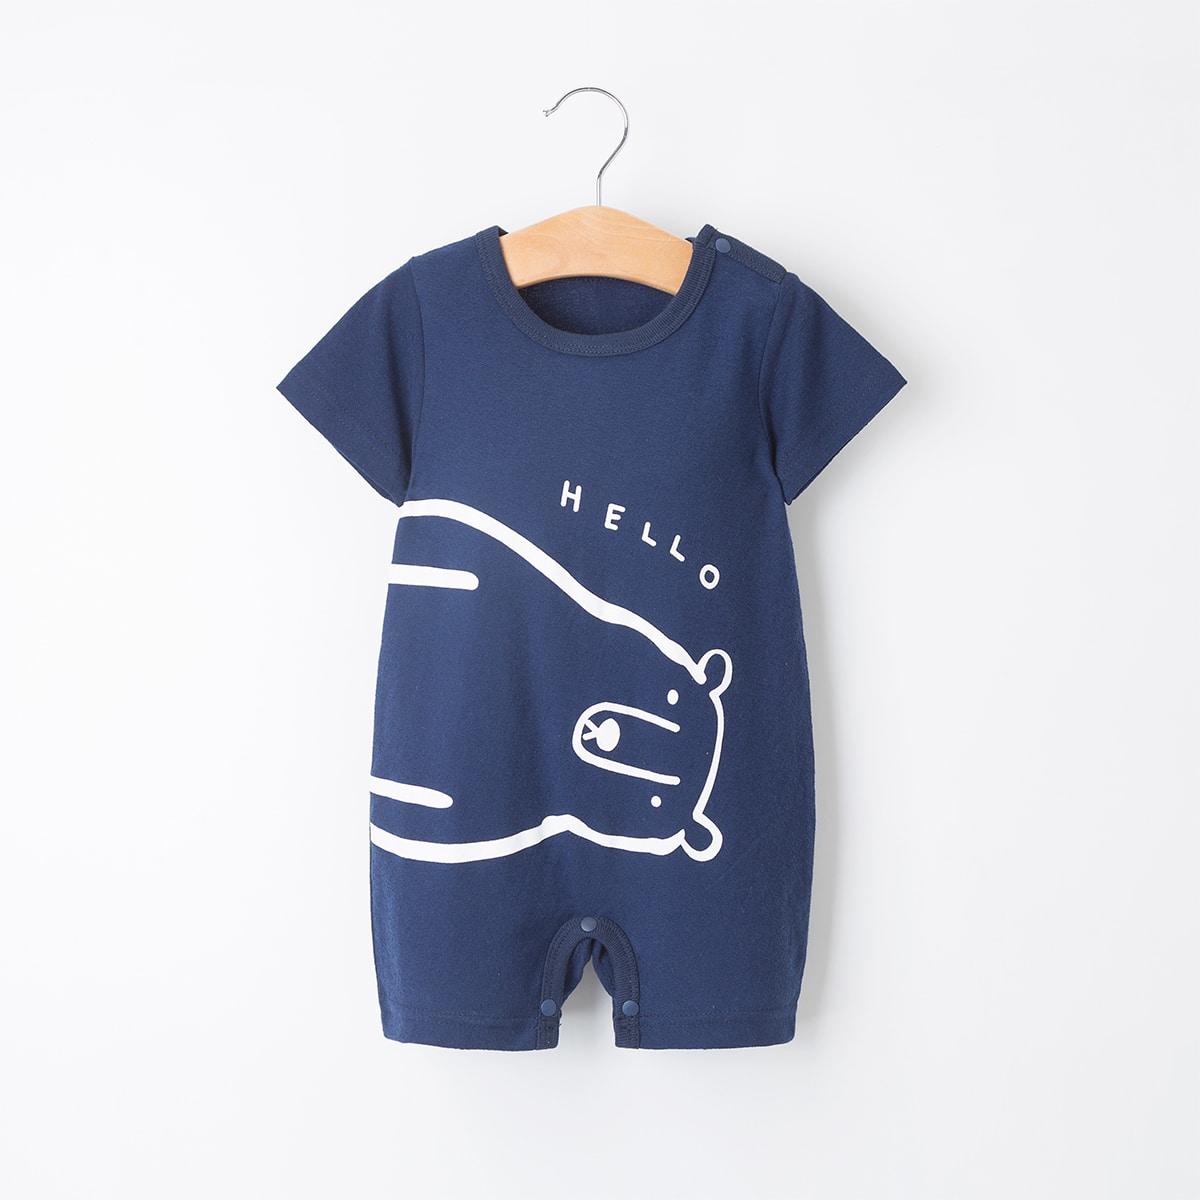 Комбинезон-футболка с текстовым и мультяшным принтом для мальчиков от SHEIN